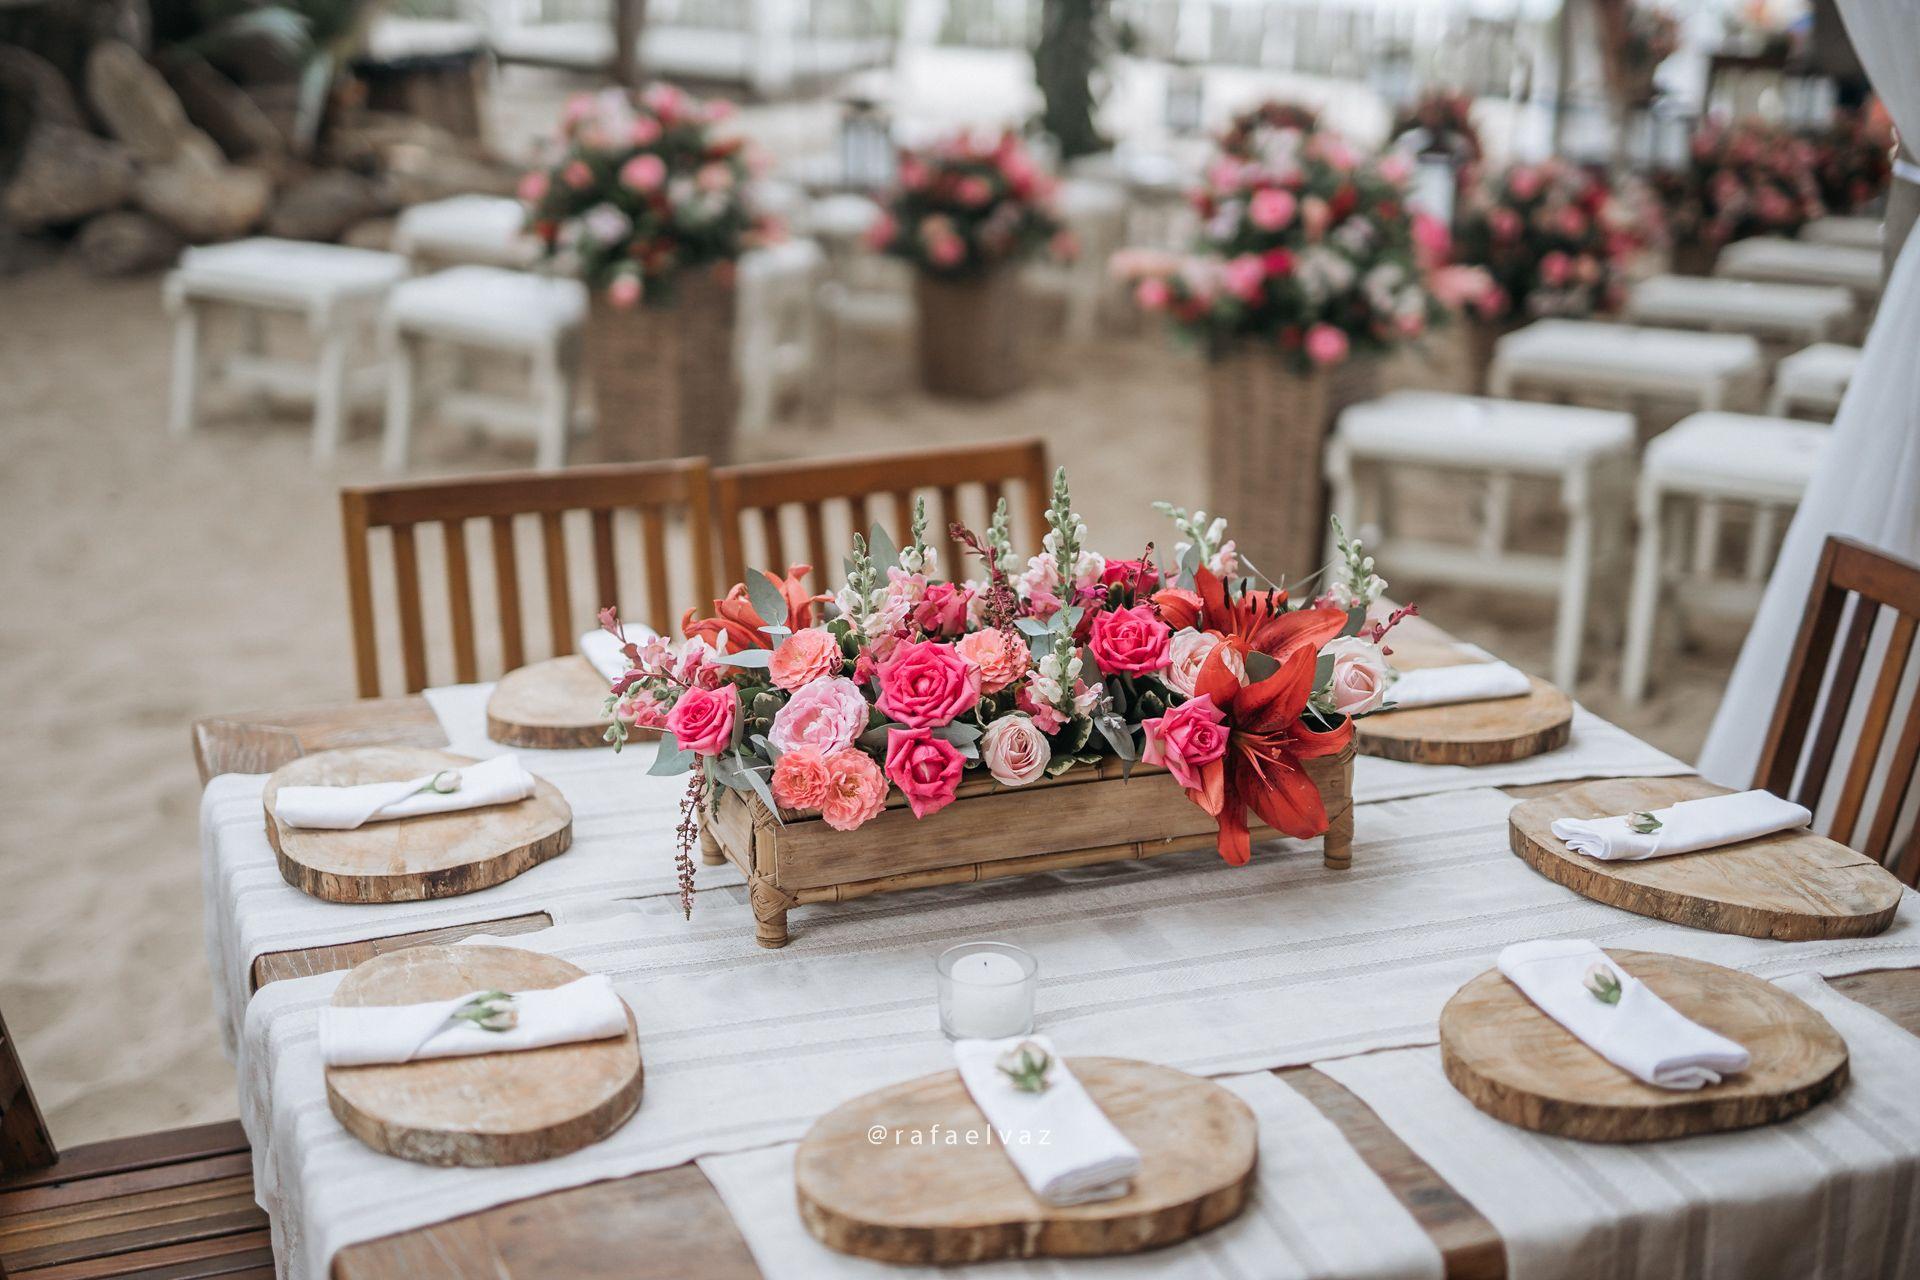 Casamento Rustico Na Praia Decoracao Rosa Mesa De Convidados